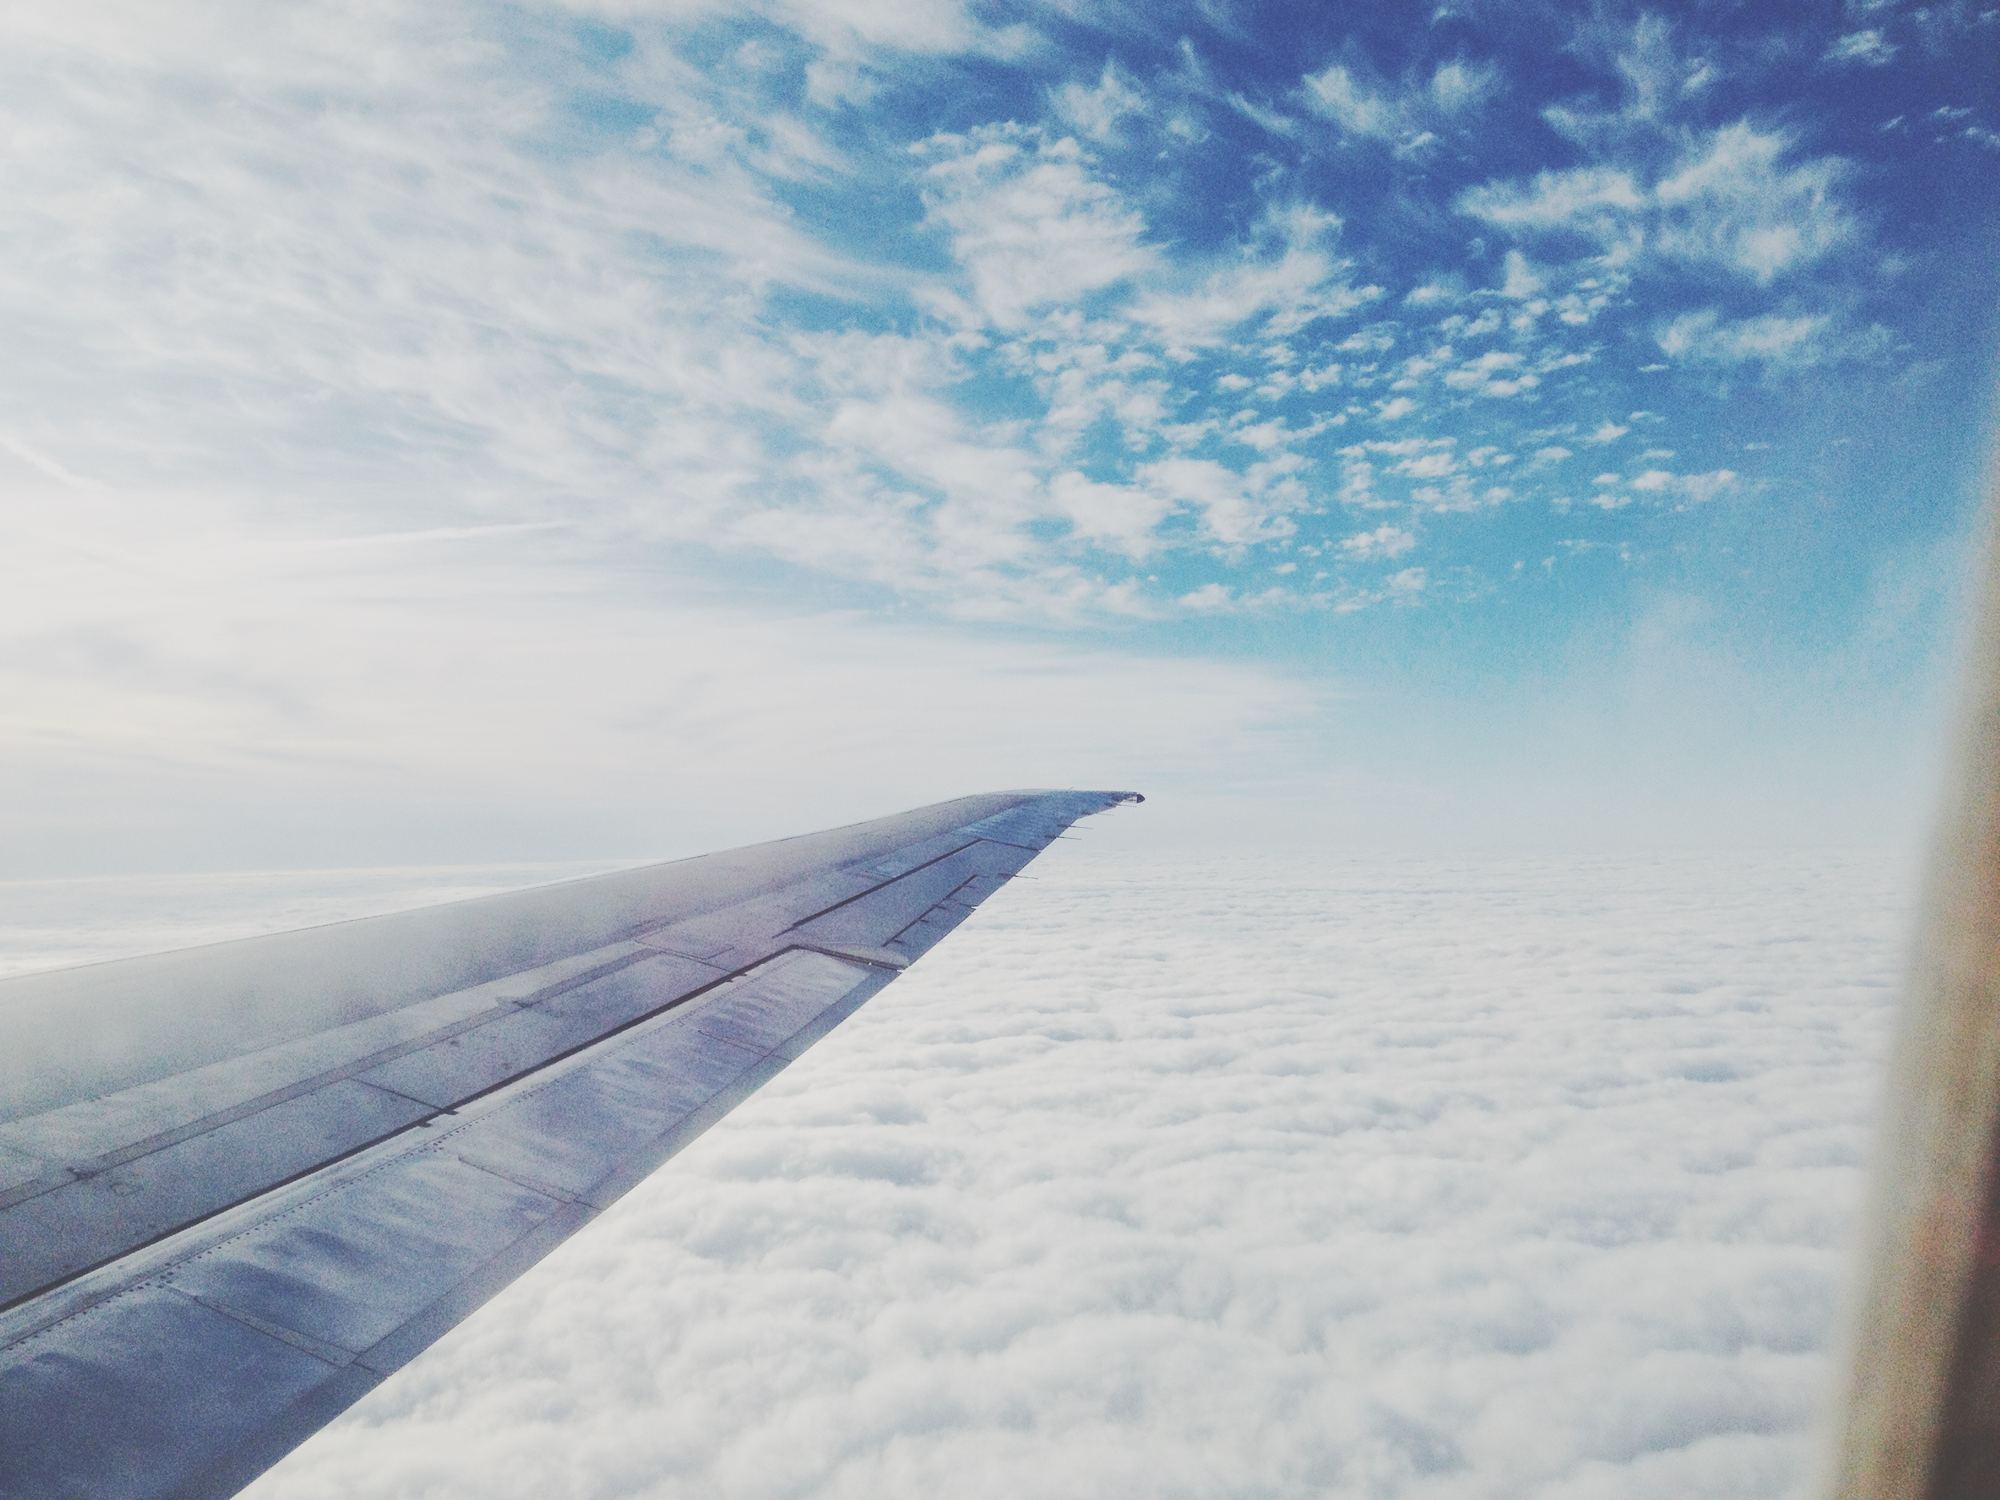 airplane window - best websites to find cheap flights